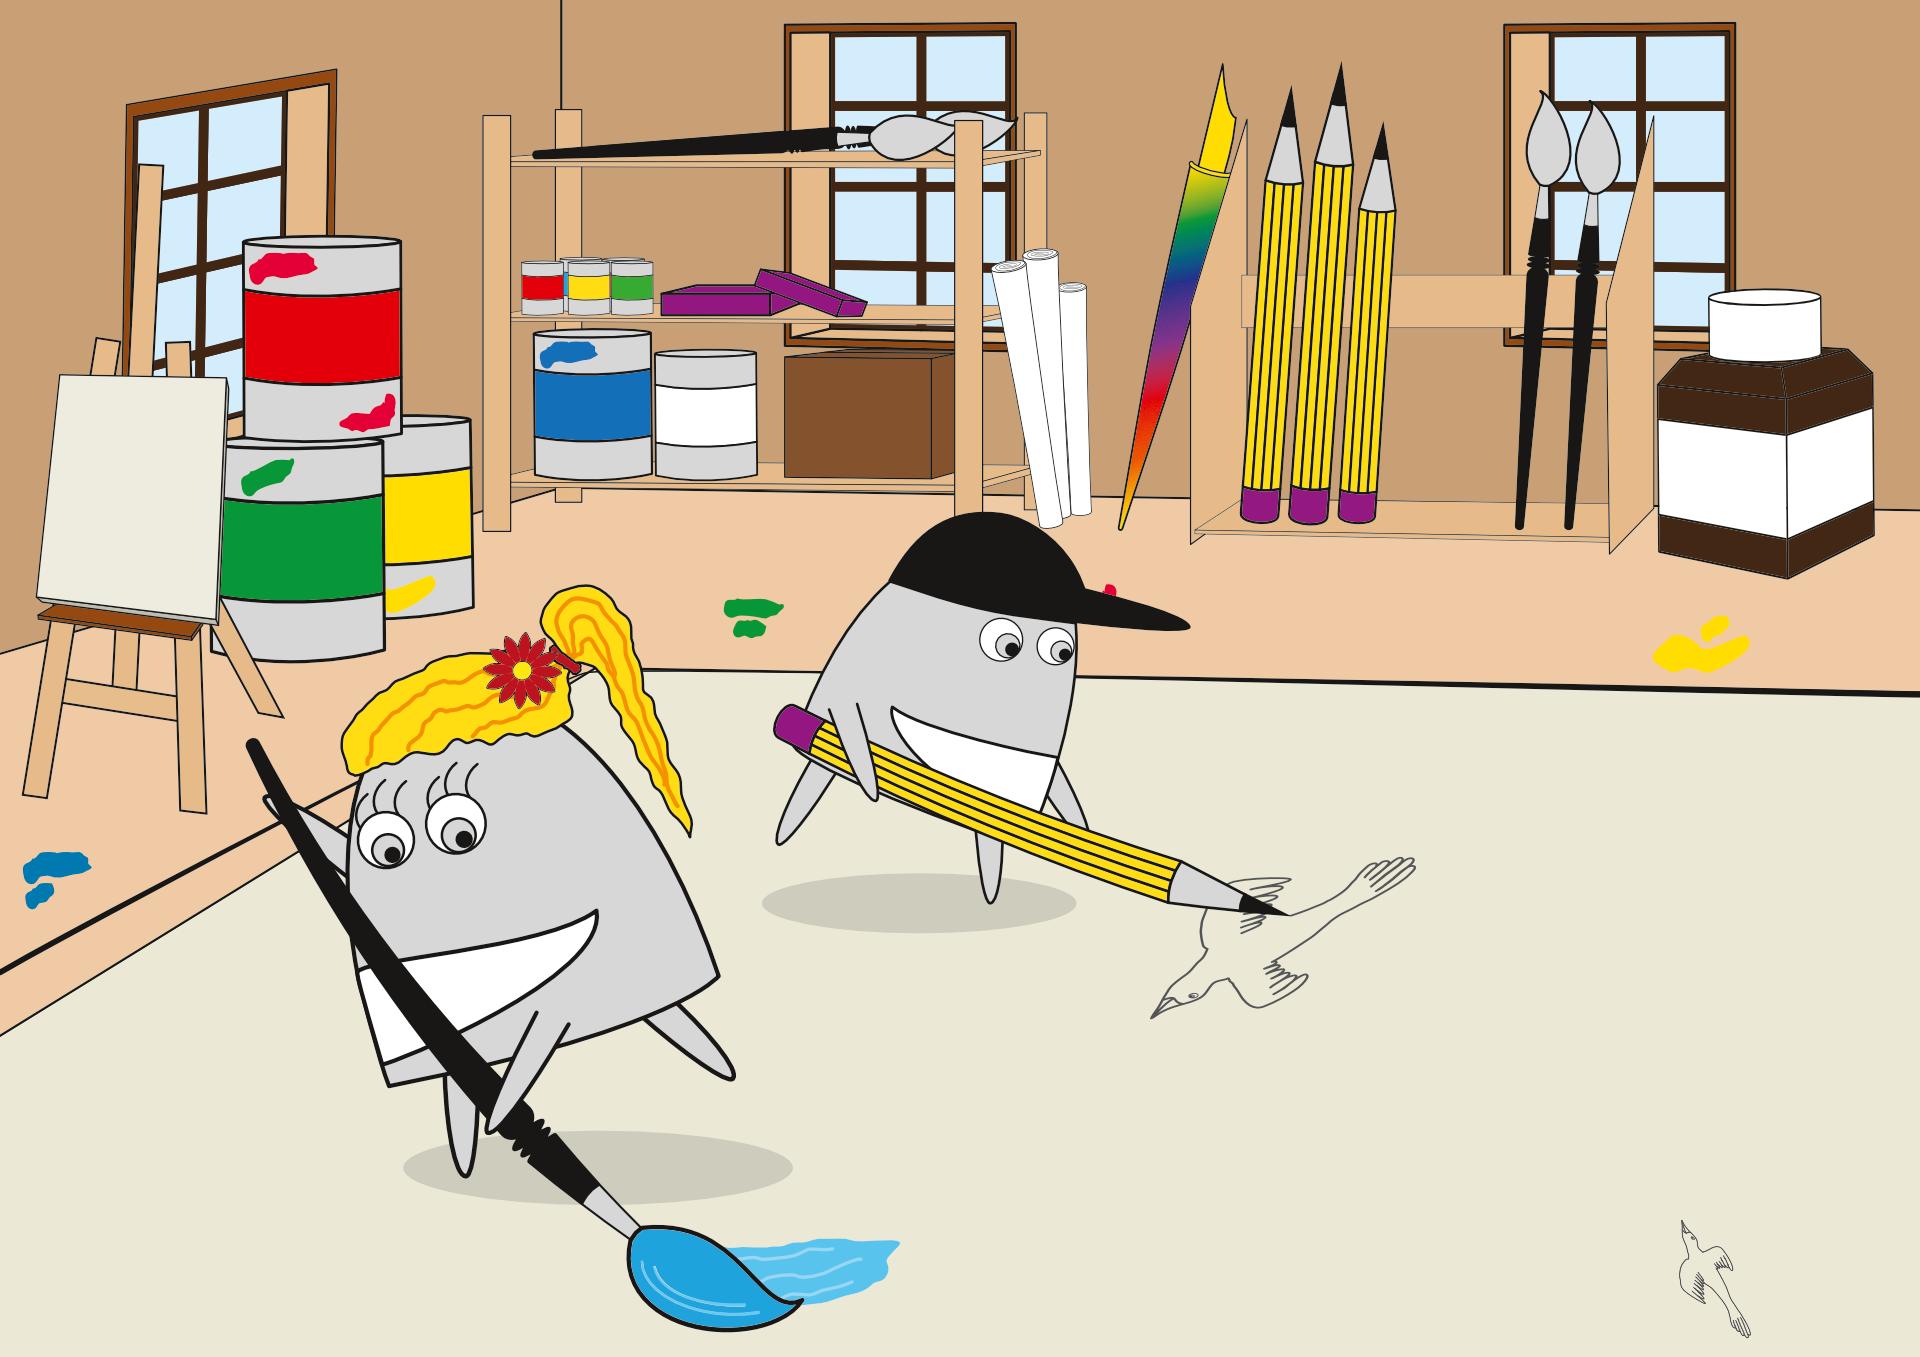 Das Künstlerpärchen Pedro und Rosa, die Cartoon Illustrationen von Stephan Böhm, bei der Arbeit in ihrem Atelier